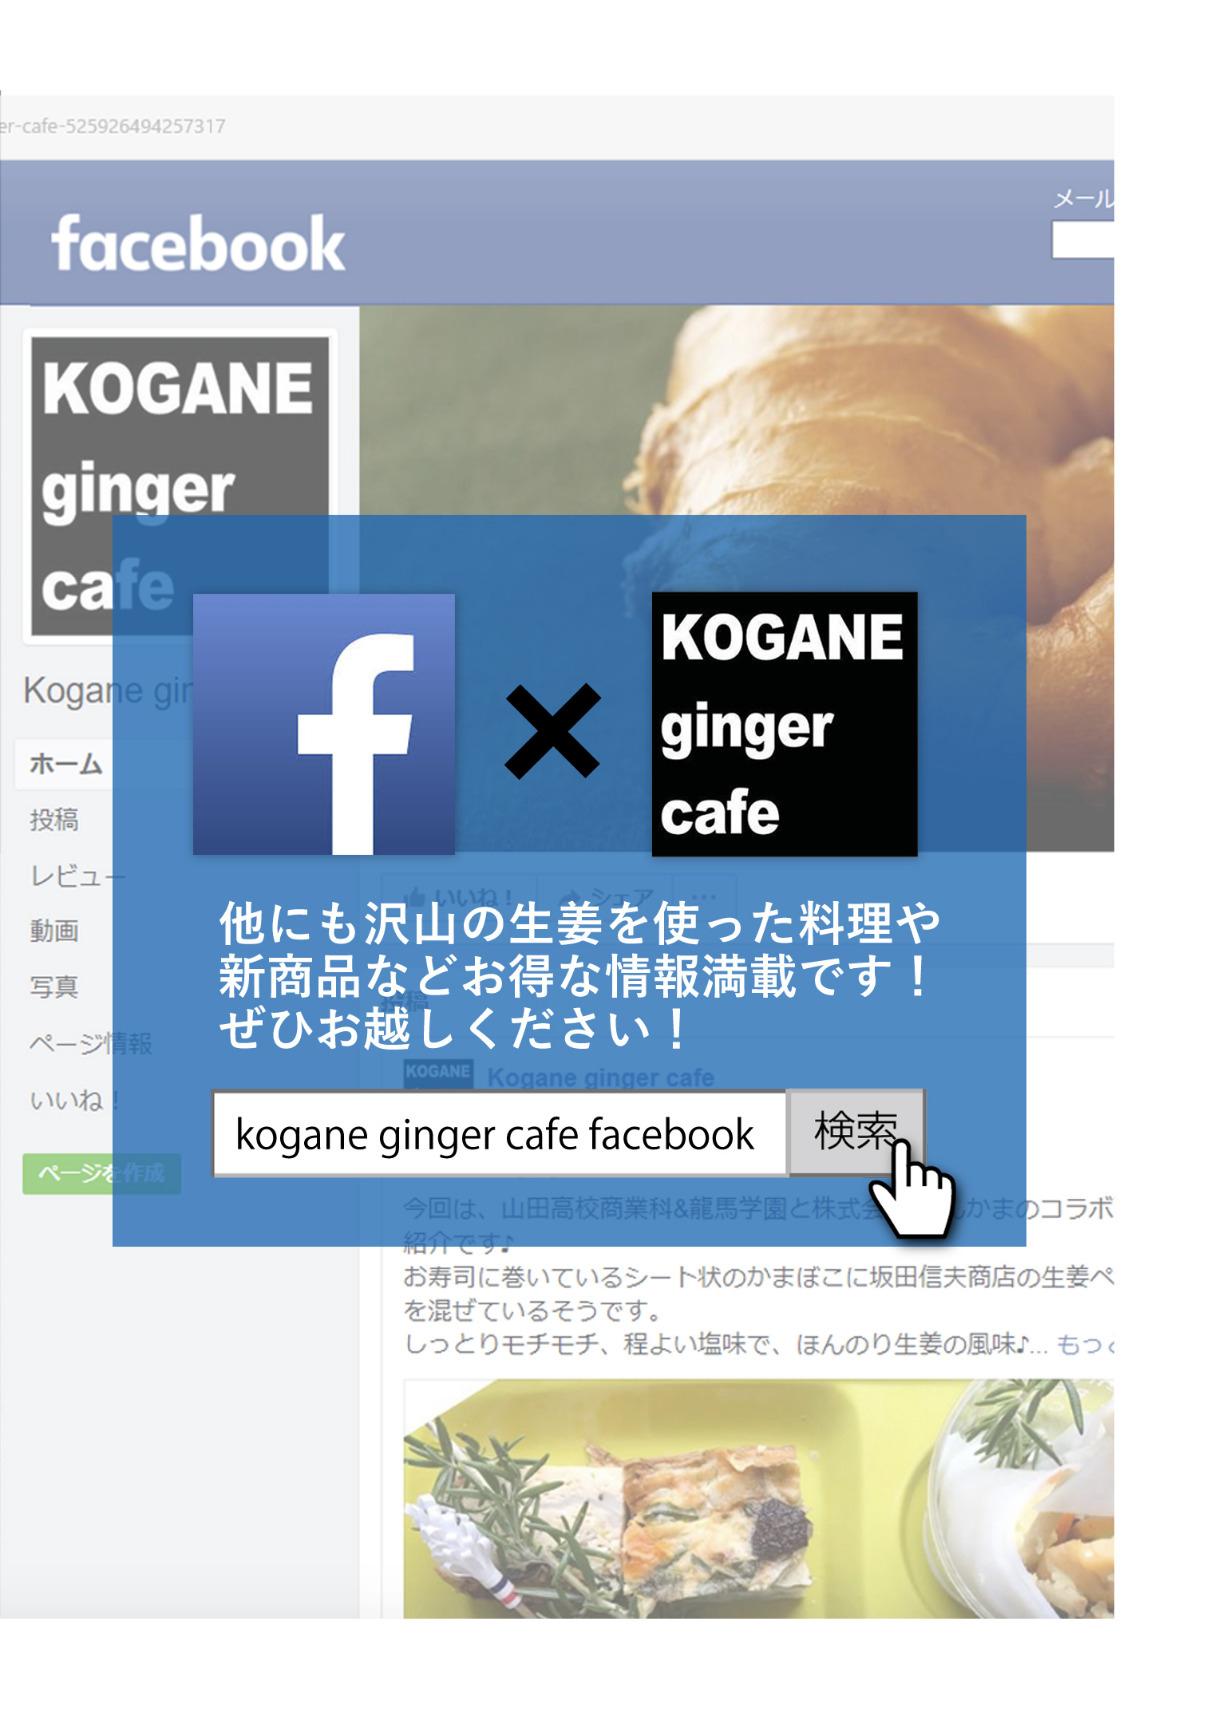 KOGANE ginger cafe フェイスブックページ